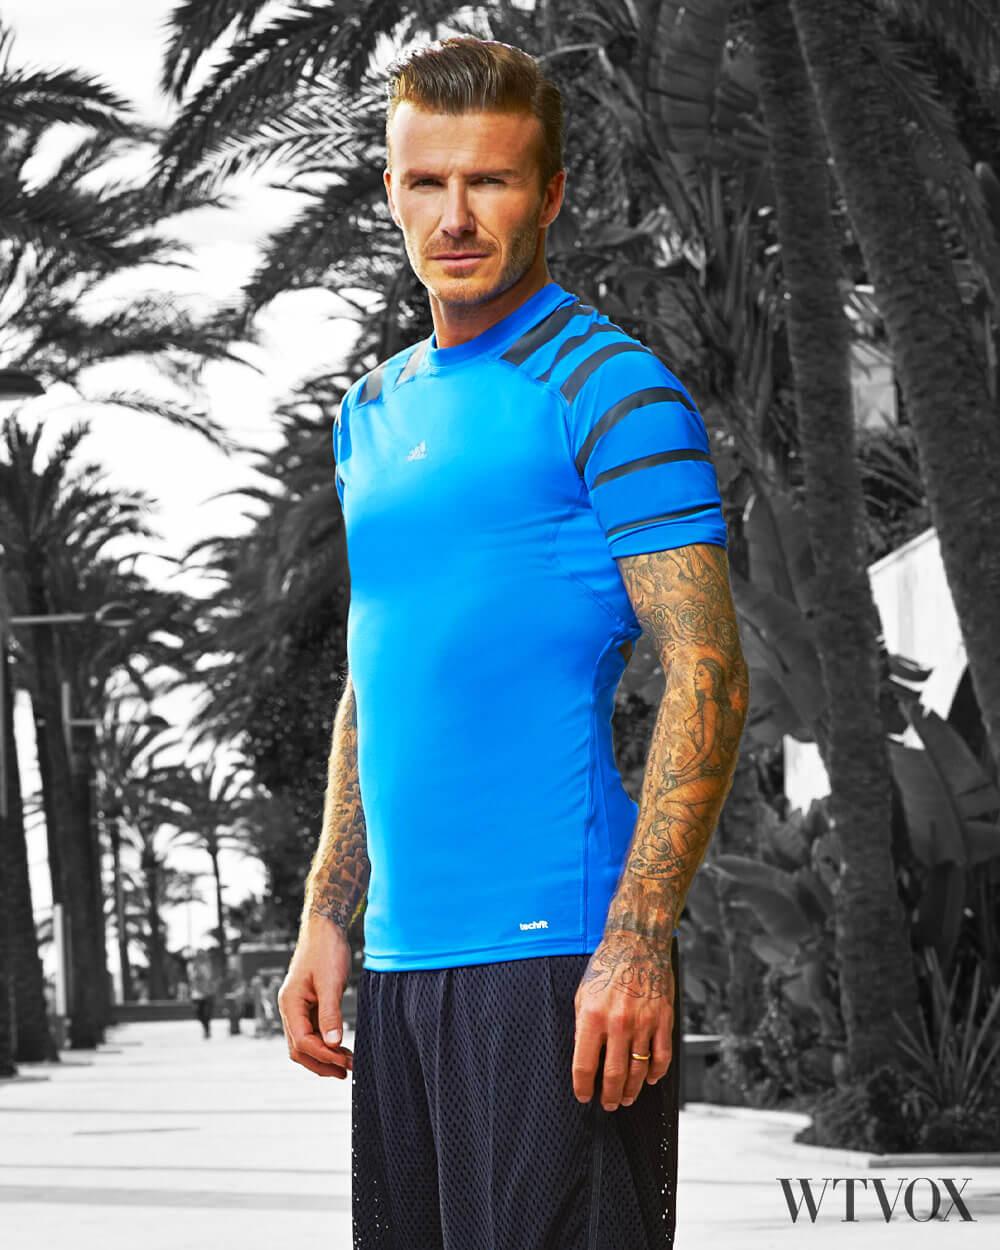 David Beckham wearing Climachill Adidas high tech sportswear